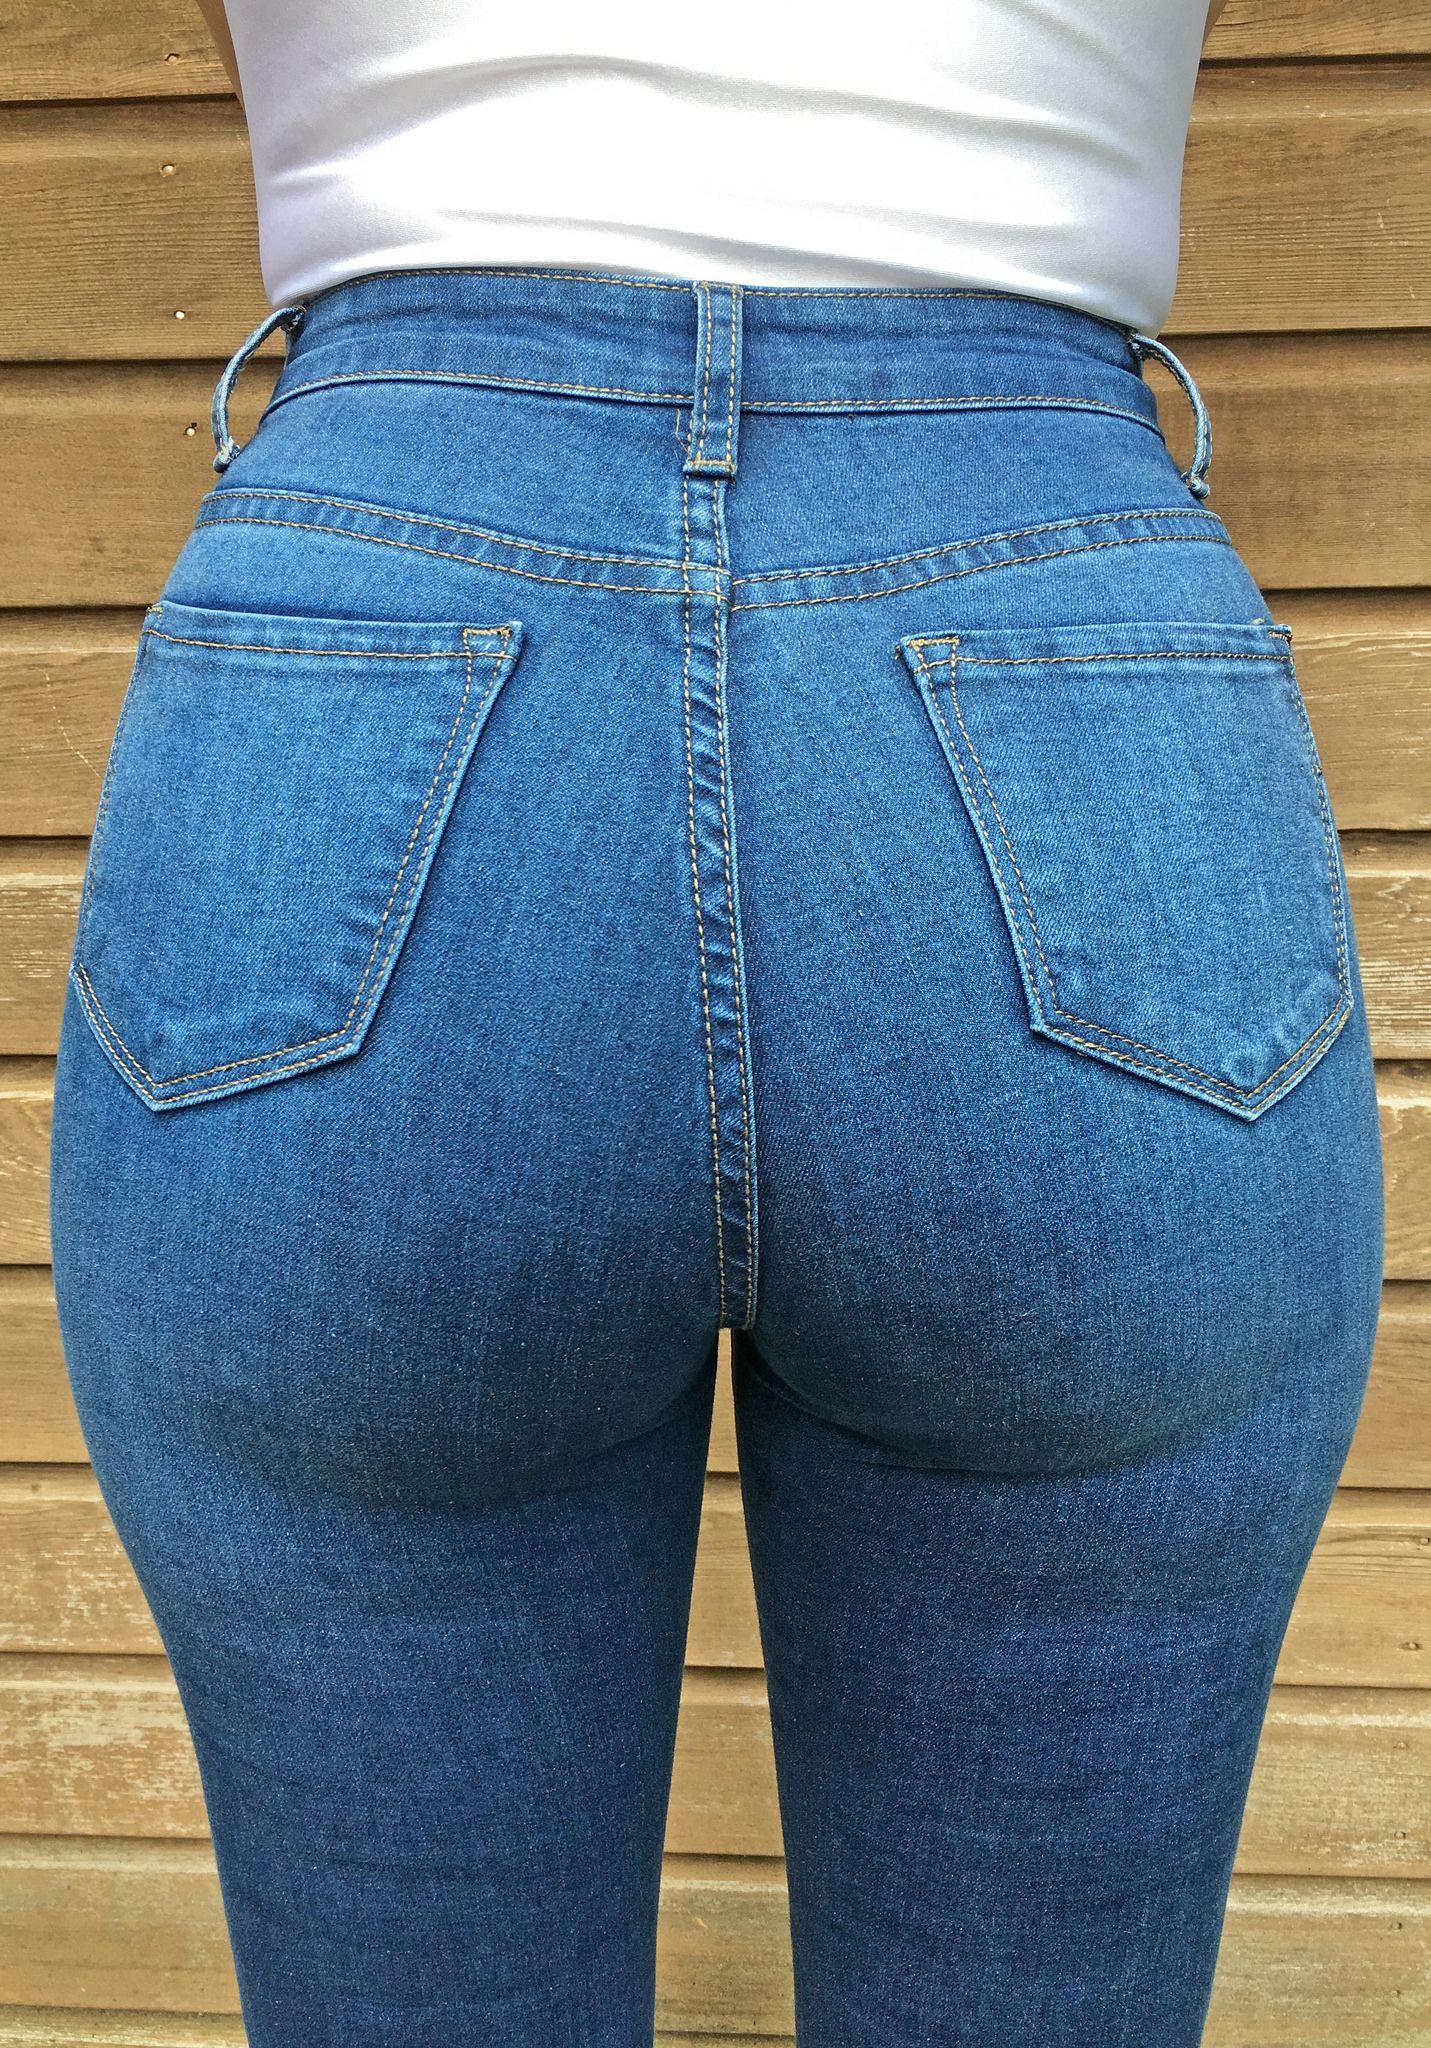 Arsch In Jeans